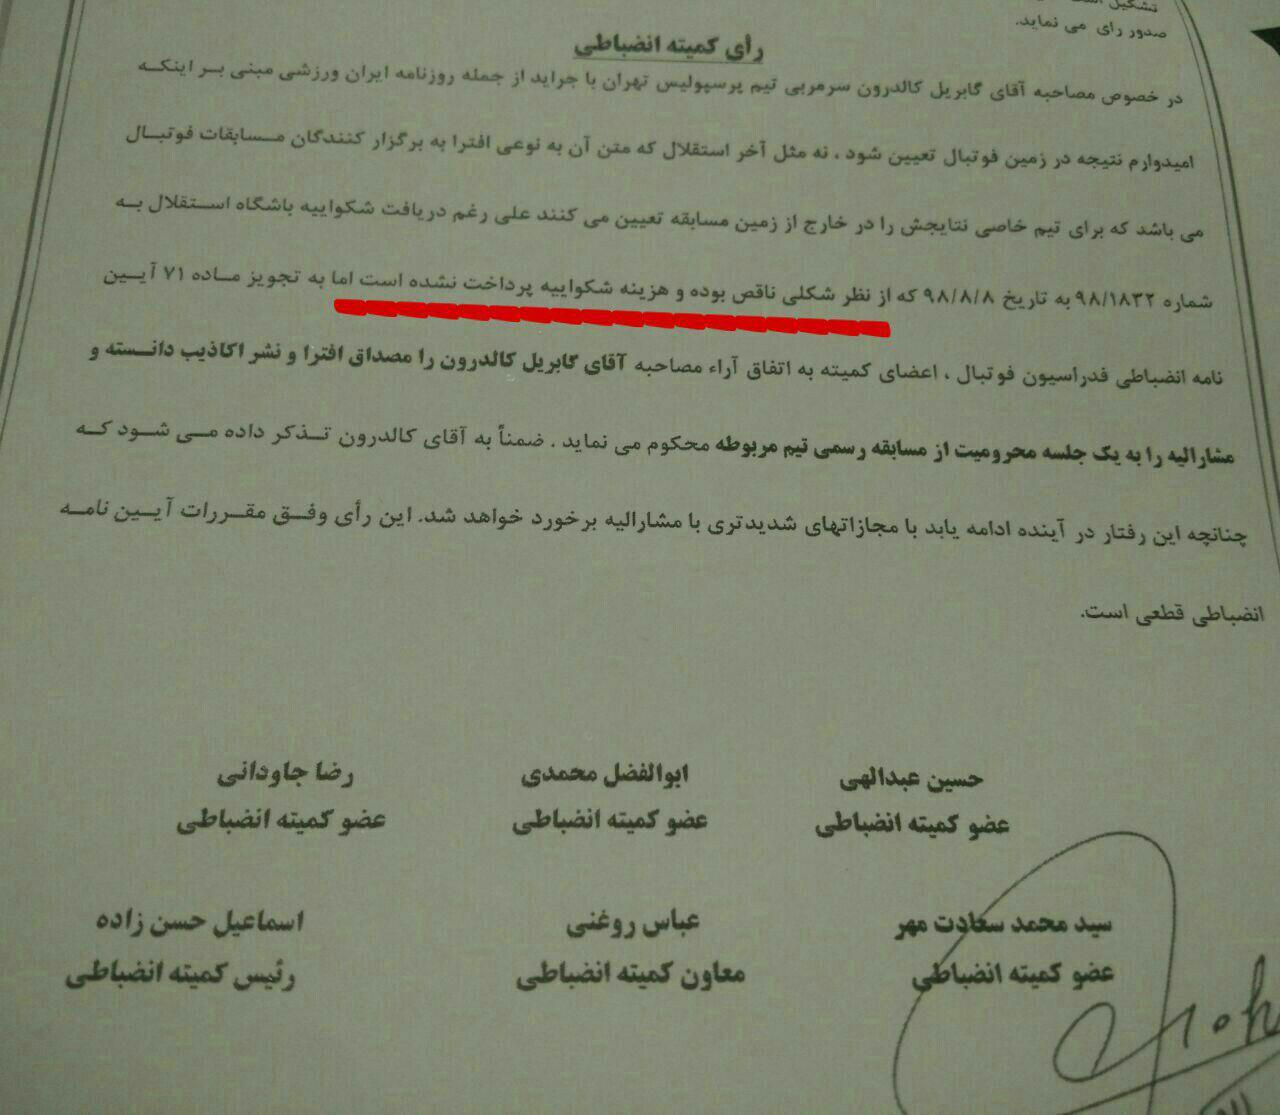 توضیحات مدیر روابط عمومی پرسپولیس در خصوص مصاحبه انصاری فرد + سند